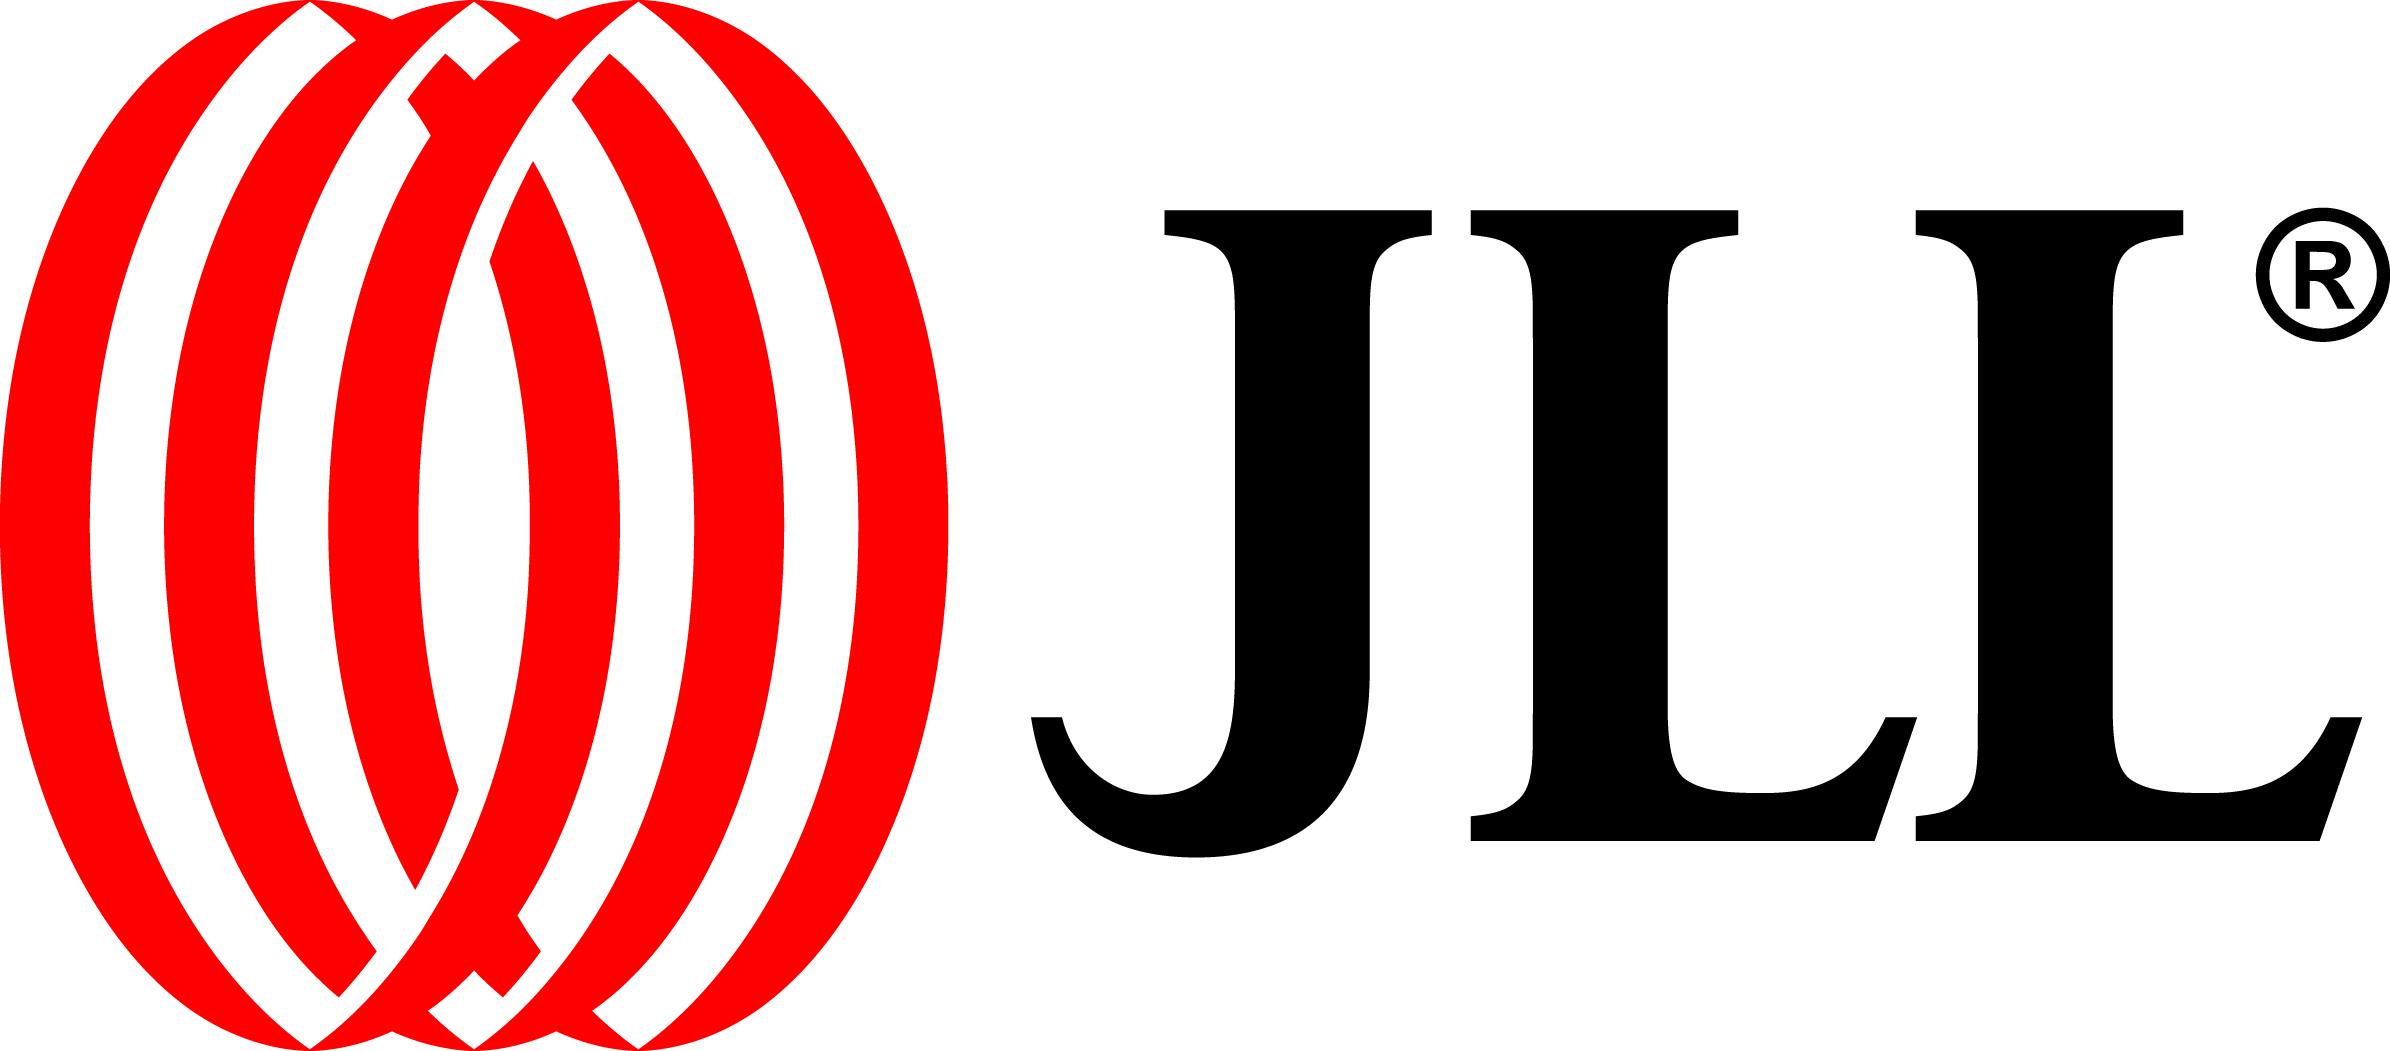 jll-logo-positive-30mm-cmyk-jpg.jpg